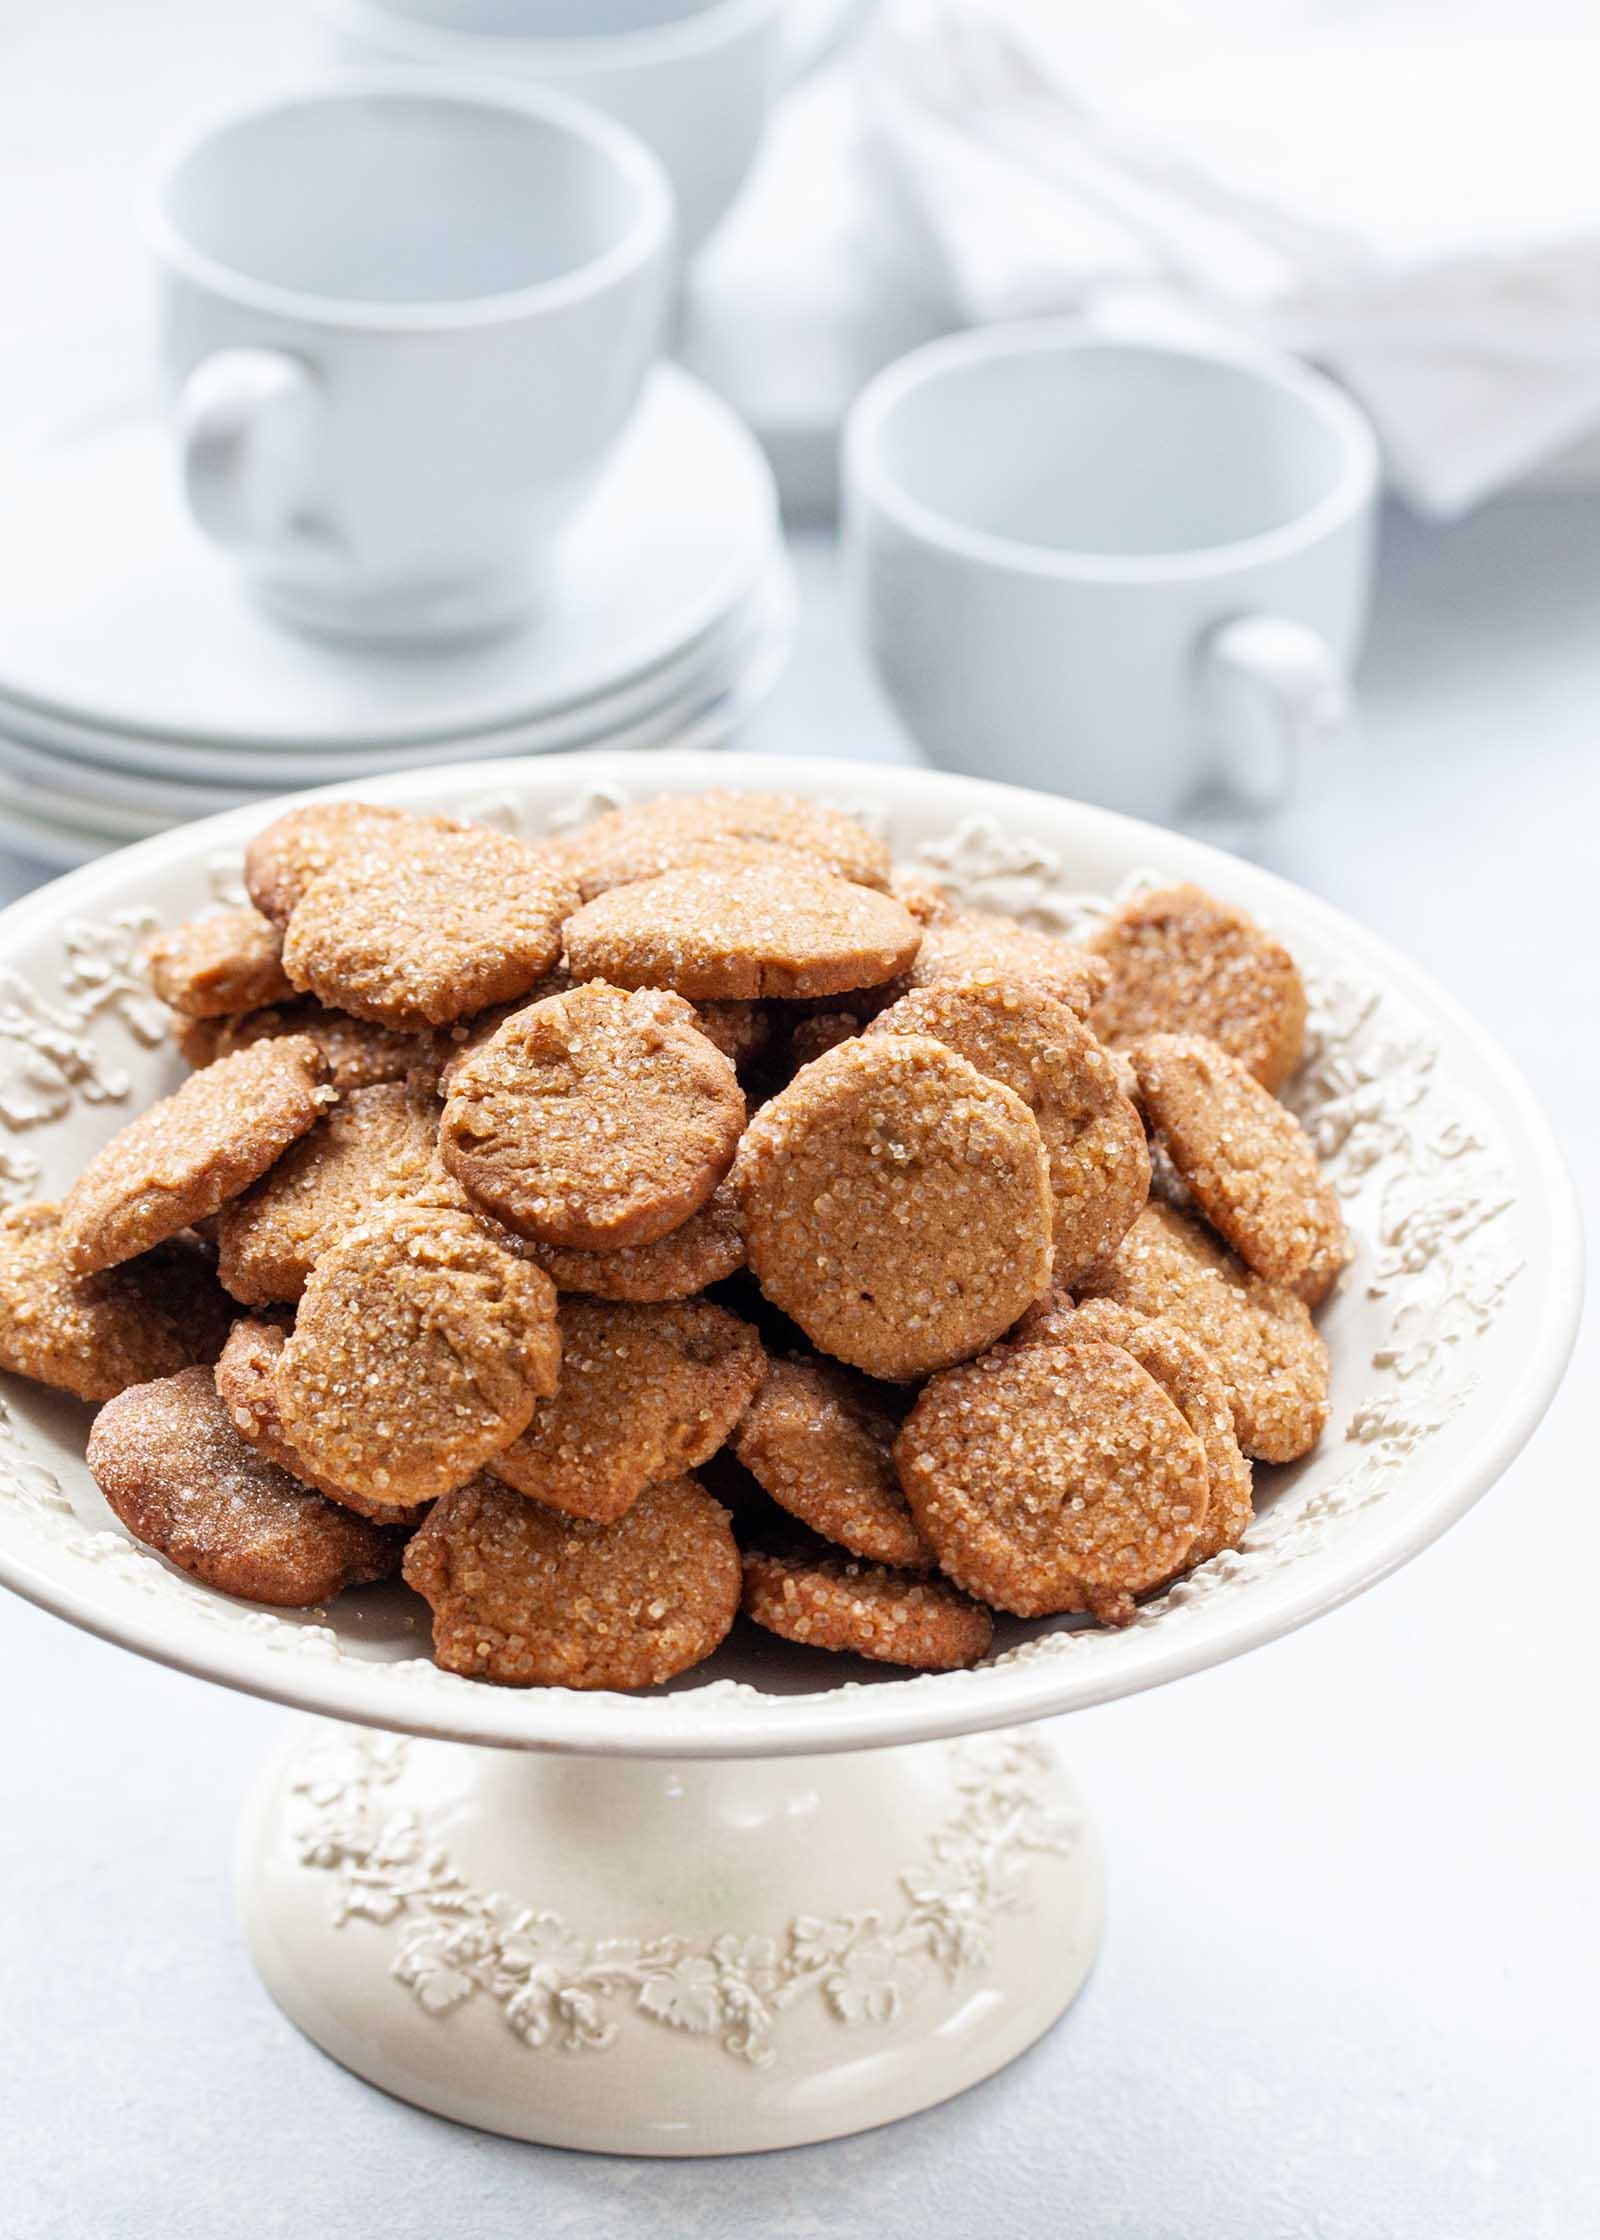 Make Ahead Slice и Выпекайте имбирное печенье с горкой на подставке для торта с кофейными кружками и тарелками для десертов, установленными позади.